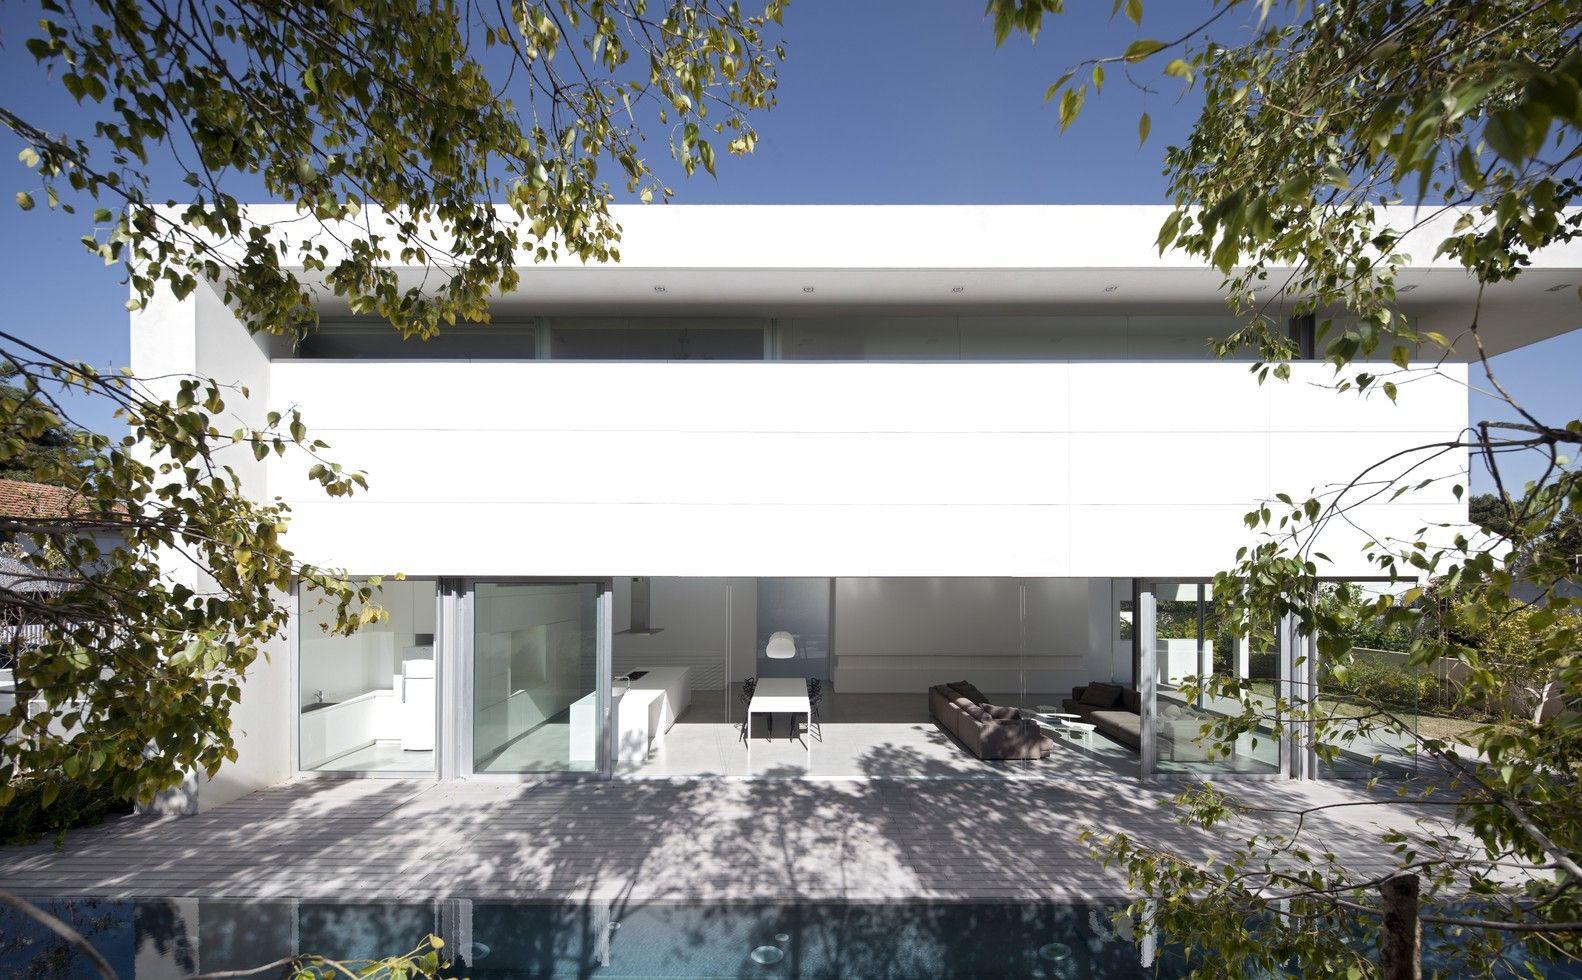 Galeria - Casa G / Axelrod Architects + Pitsou Kedem Architect - 15